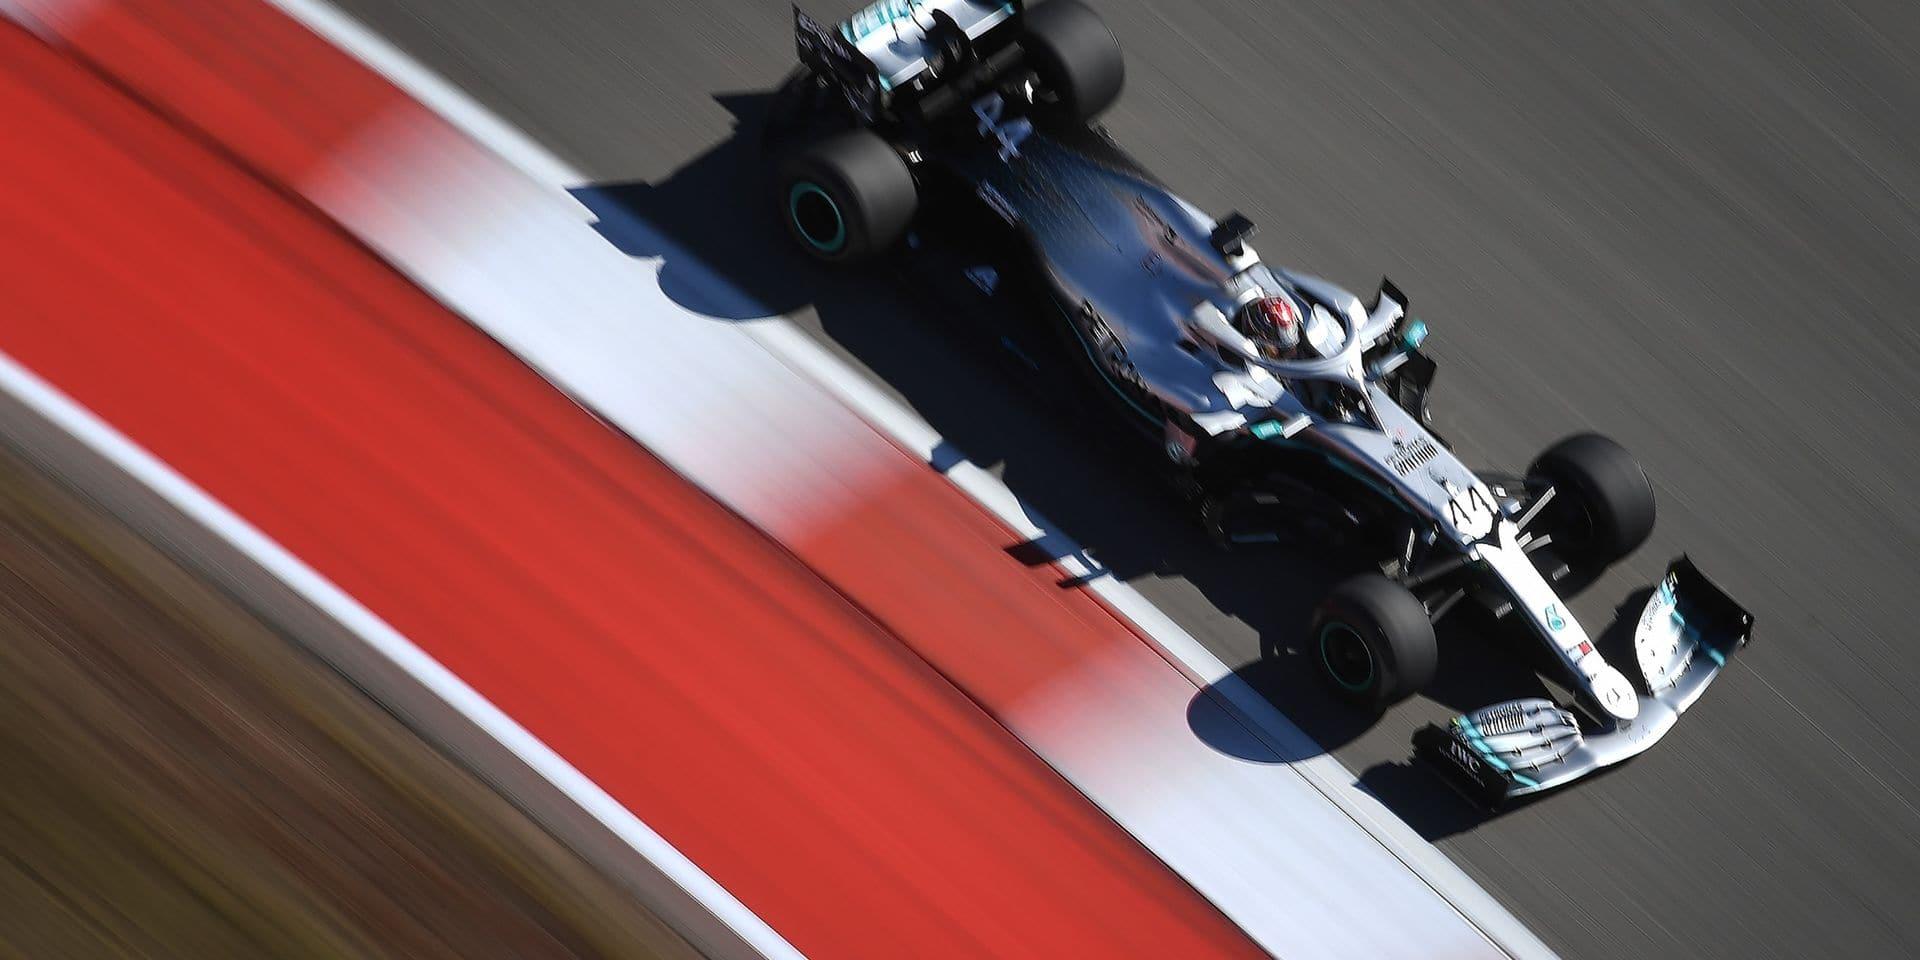 Malgré la victoire de Bottas aux États-Unis, Hamilton remporte son 6e titre mondial